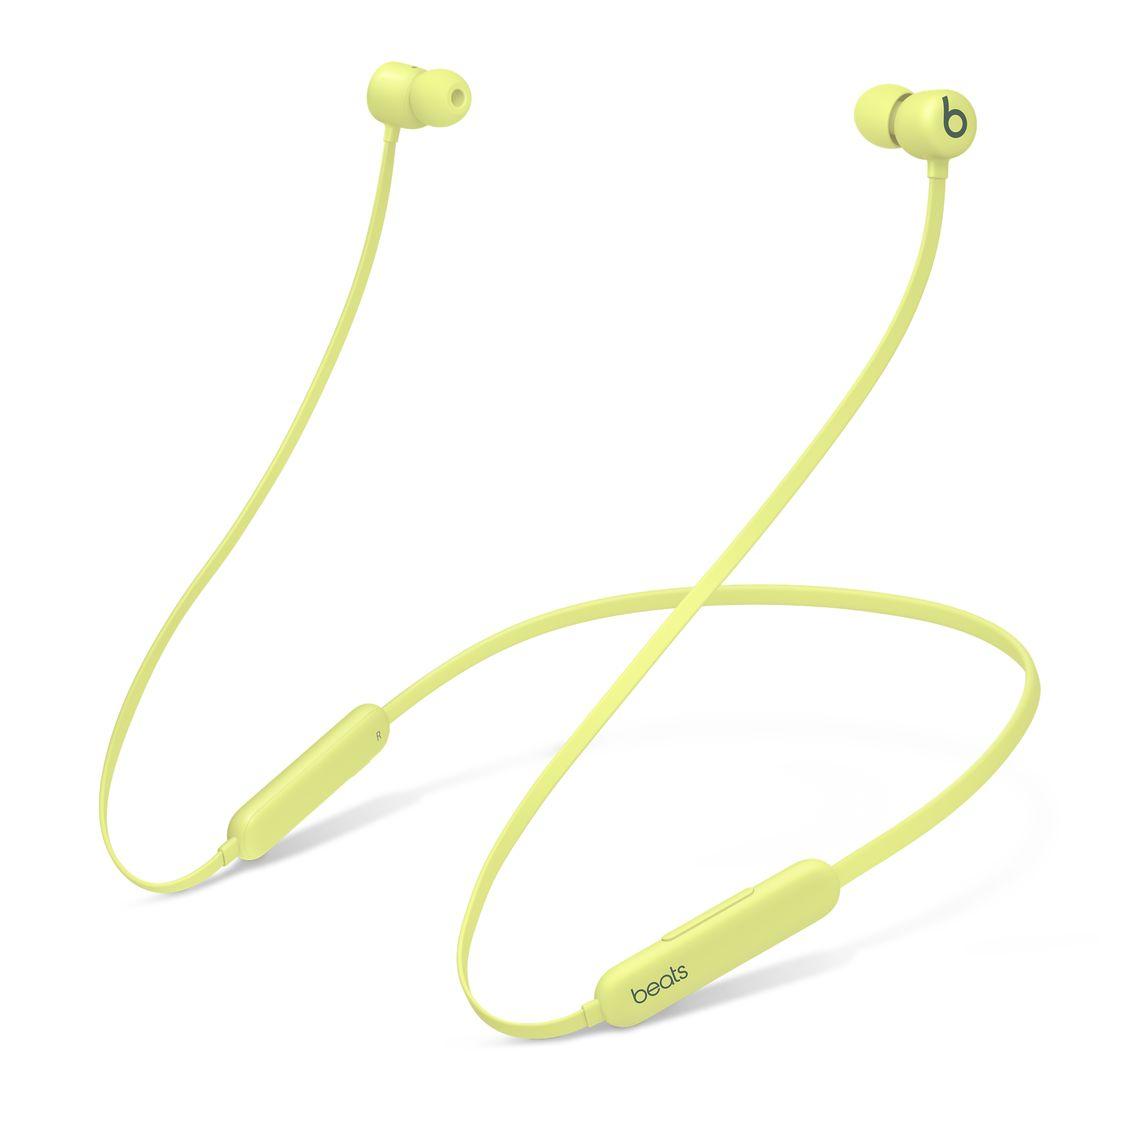 - Audifono In Ear Wireless Flex Beats / Amarillo 8